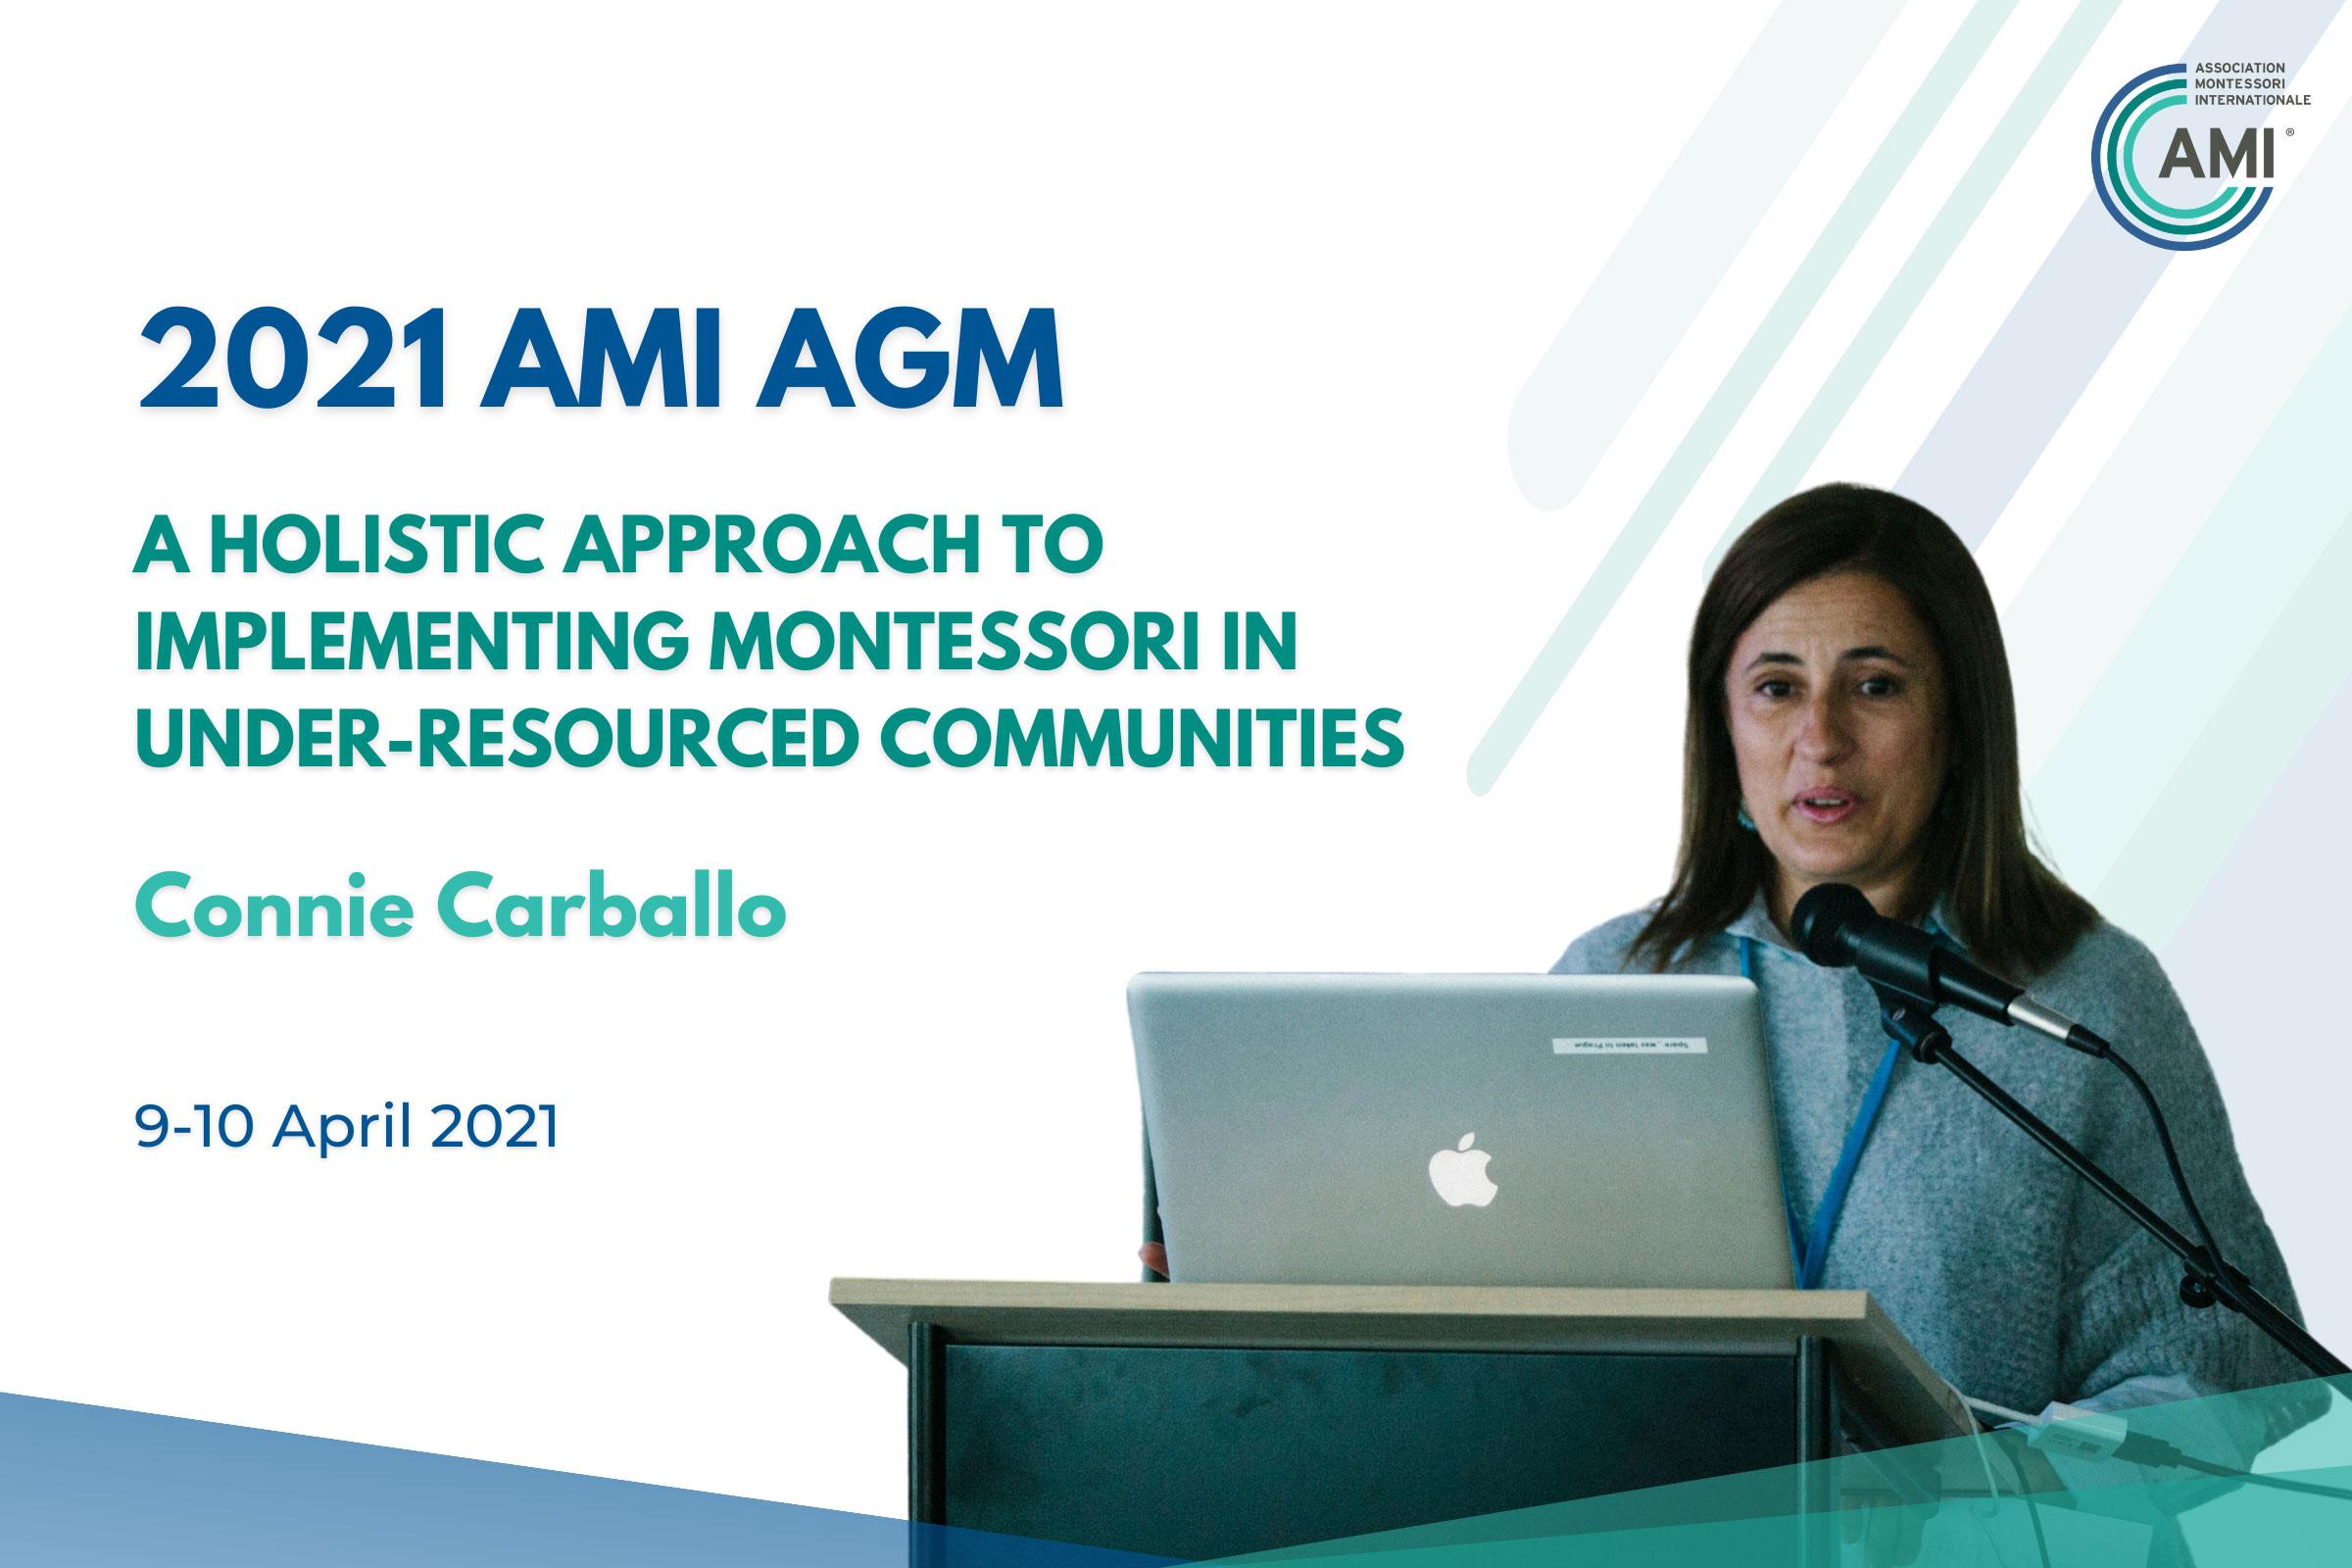 AMI AGM Speakers Connie Carballo